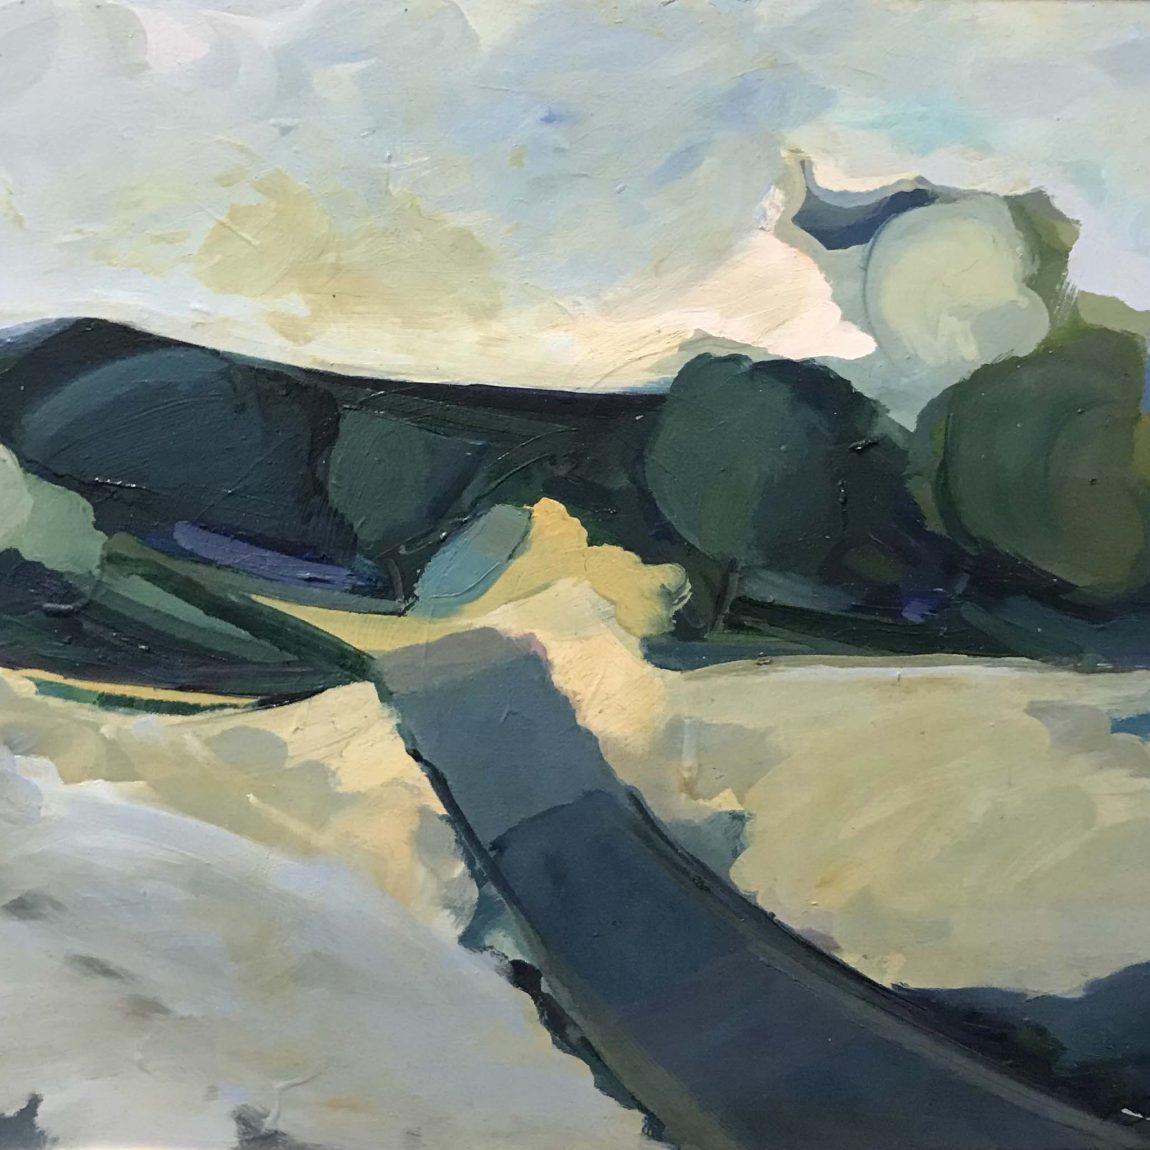 FATİH SARMANLI Teknik: Tuval Üzeri Yağlı Boya Ölçü: 55 x 45 cm - Fiyat: 14.160 TL